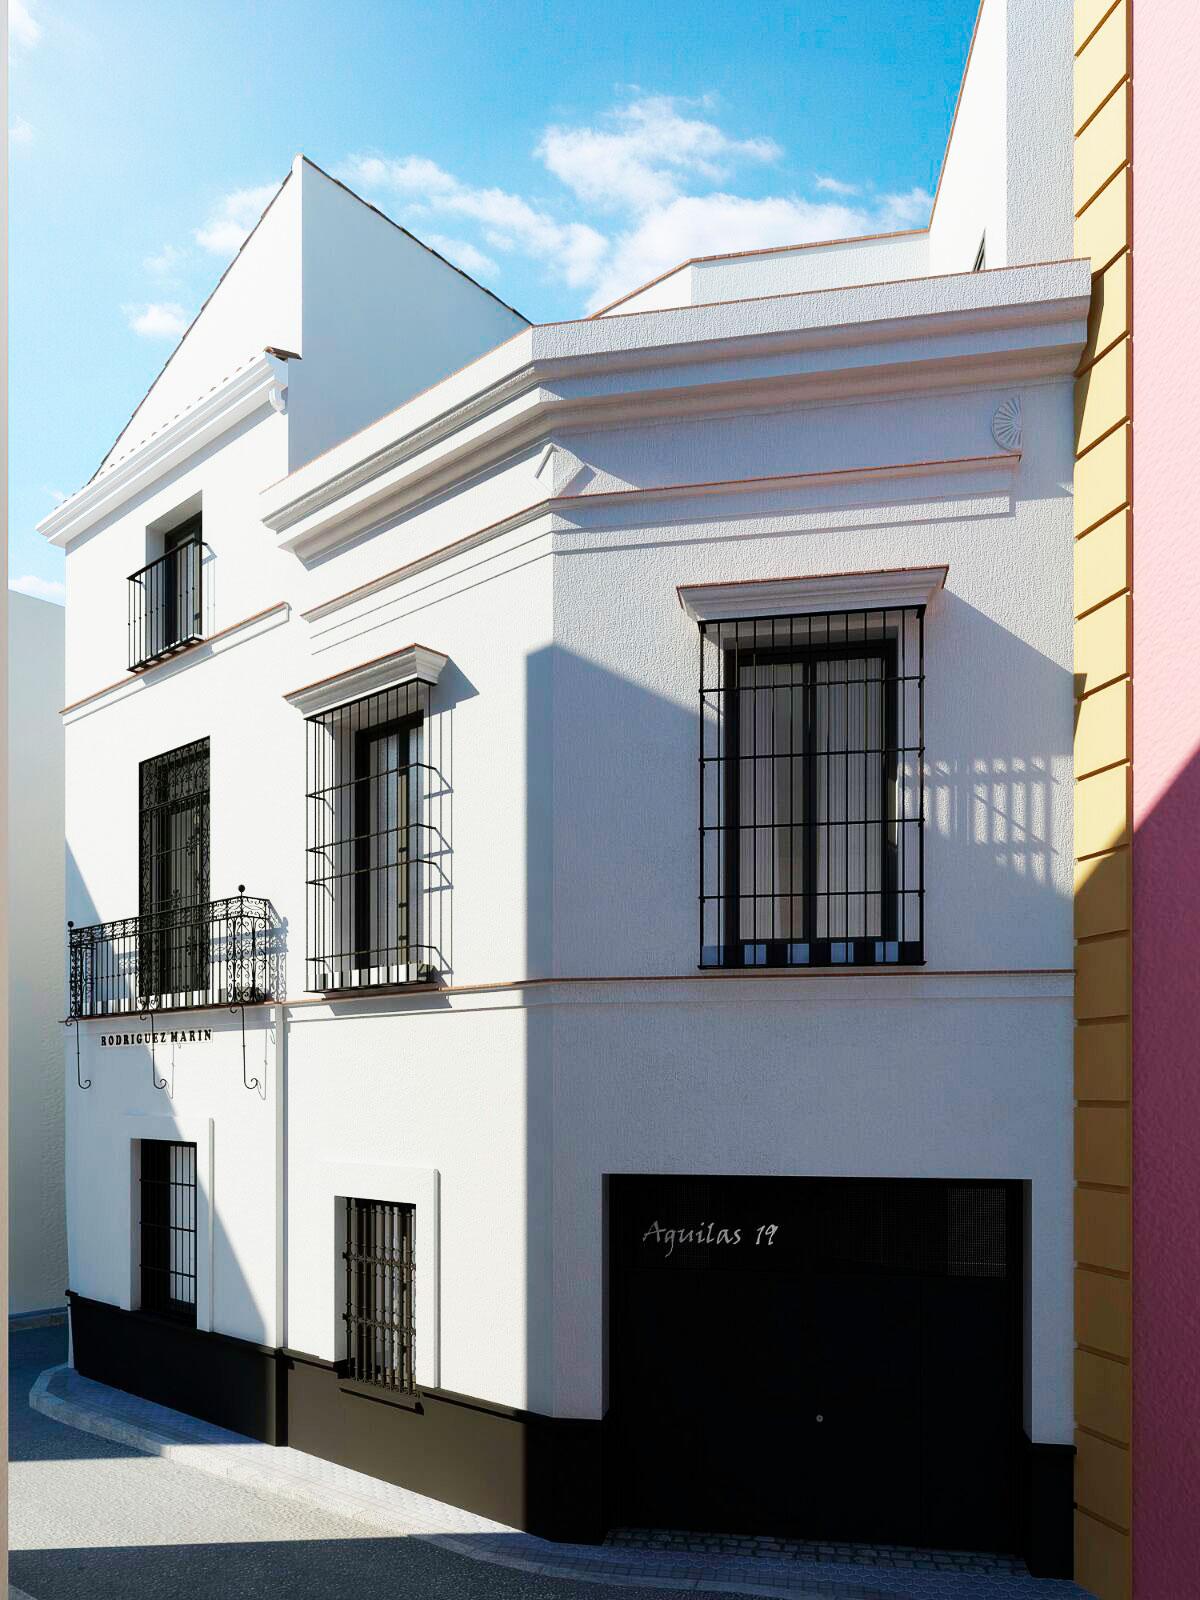 Viviendas en Calle Águilas - La Alfalfa - Sevilla